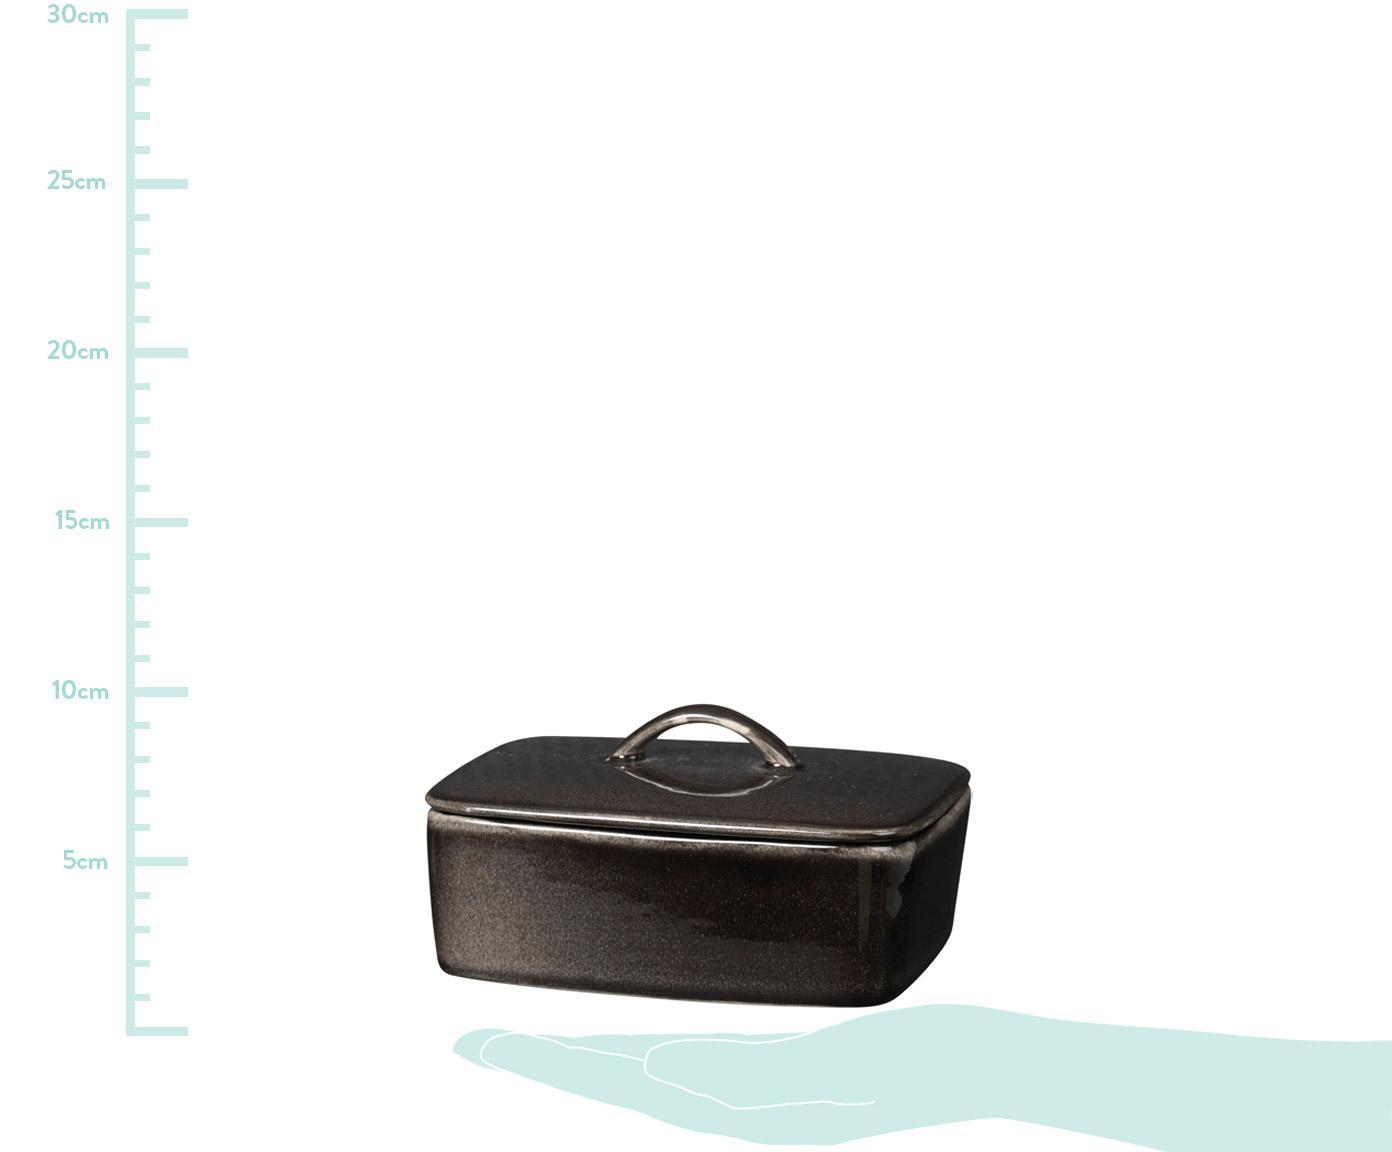 Handgemachte Butterdose Nordic Coal aus Steingut, Steingut, Bräunlich, 15 x 6 cm